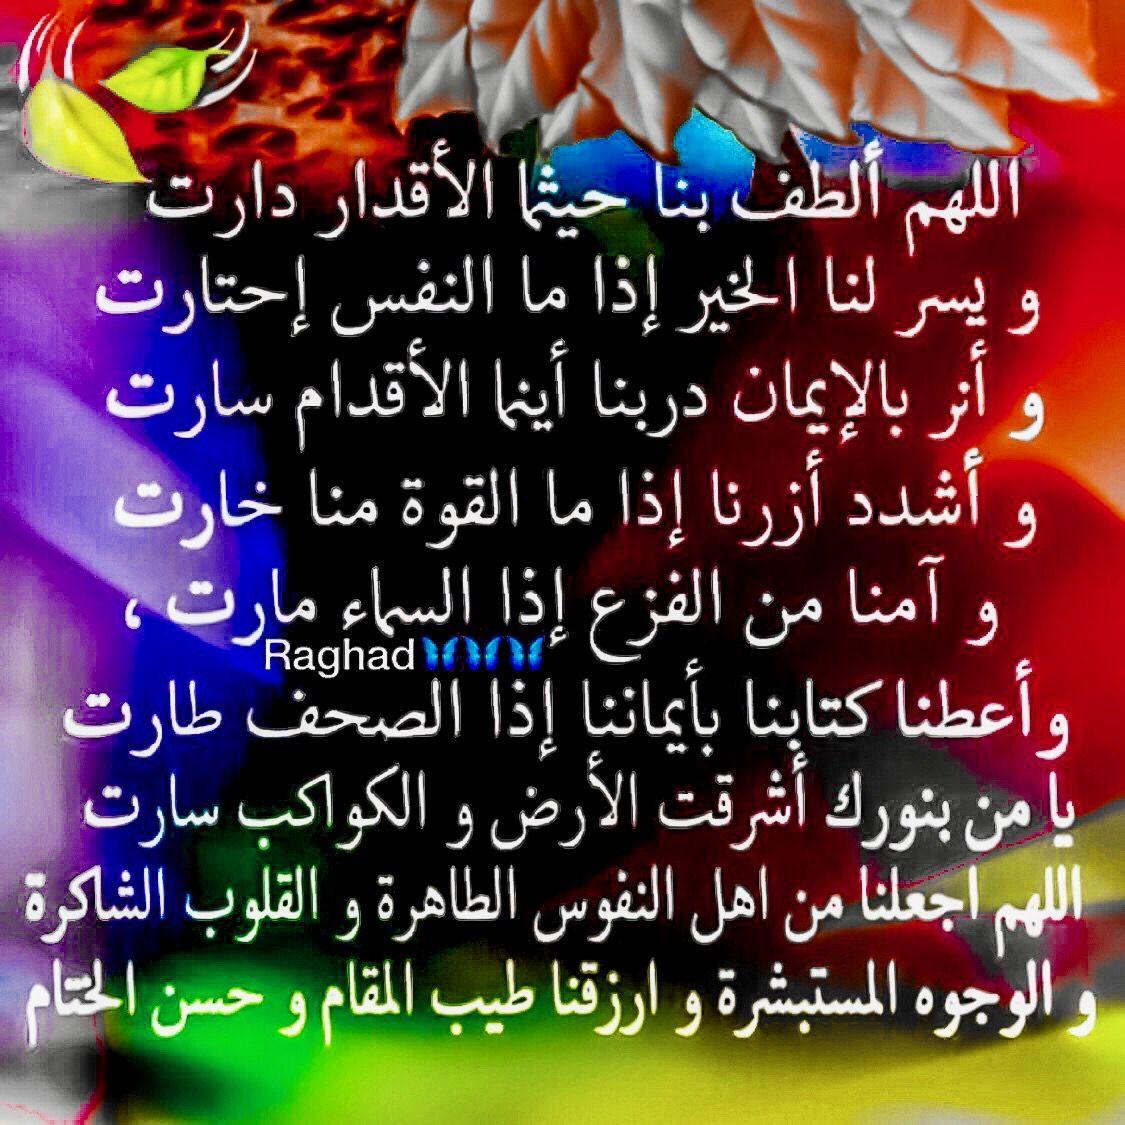 Desertrose رمضان مبارك أسعدكم الله فيه بكل أمل لم تبلغوه ورضي عنكم رض ا لم تعلموه ورزقكم رزق ا لم تحتسبوه Calm Artwork Desert Rose Keep Calm Artwork